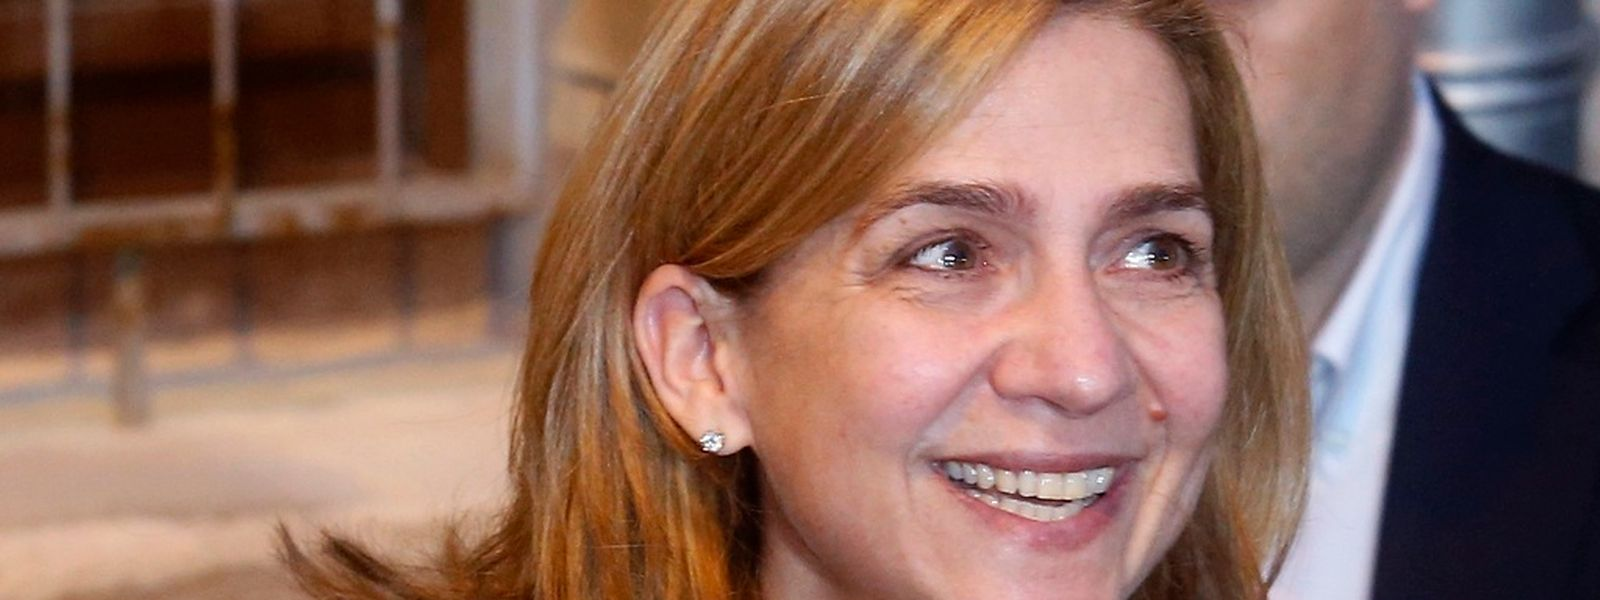 Spaniens Prinzessin Cristina soll Schadenersatz leisten.